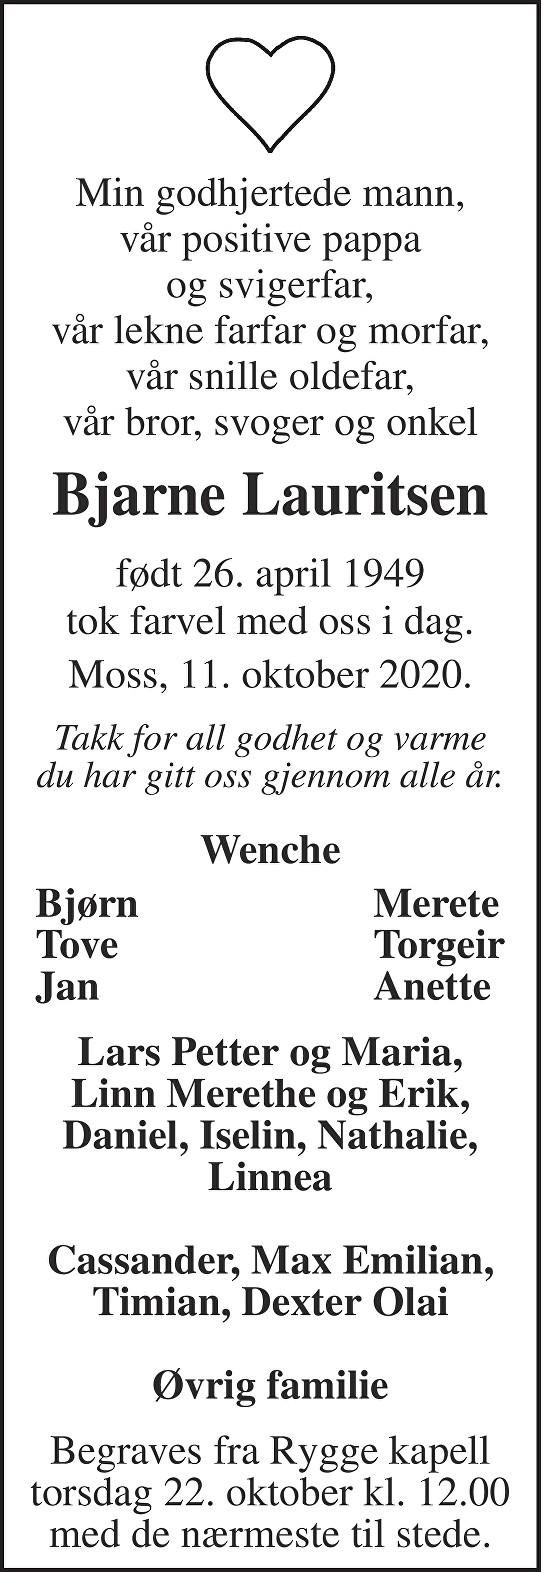 Bjarne Lauritsen Dødsannonse